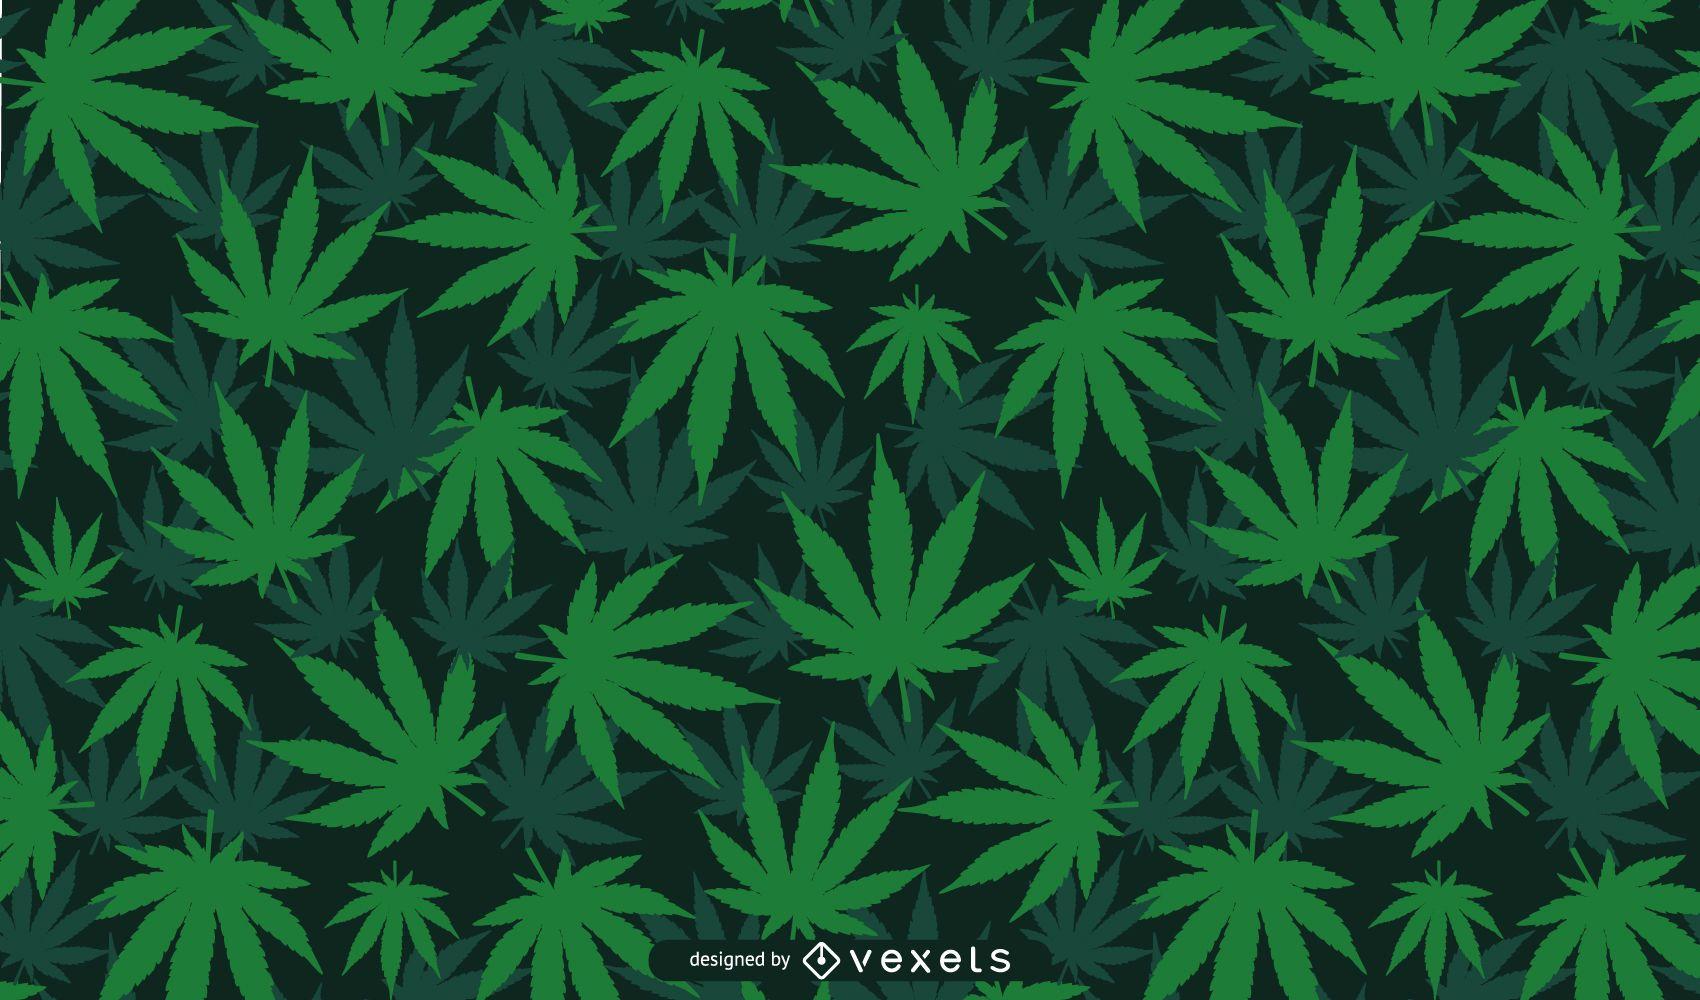 Diseño de fondo de hoja de cannabis